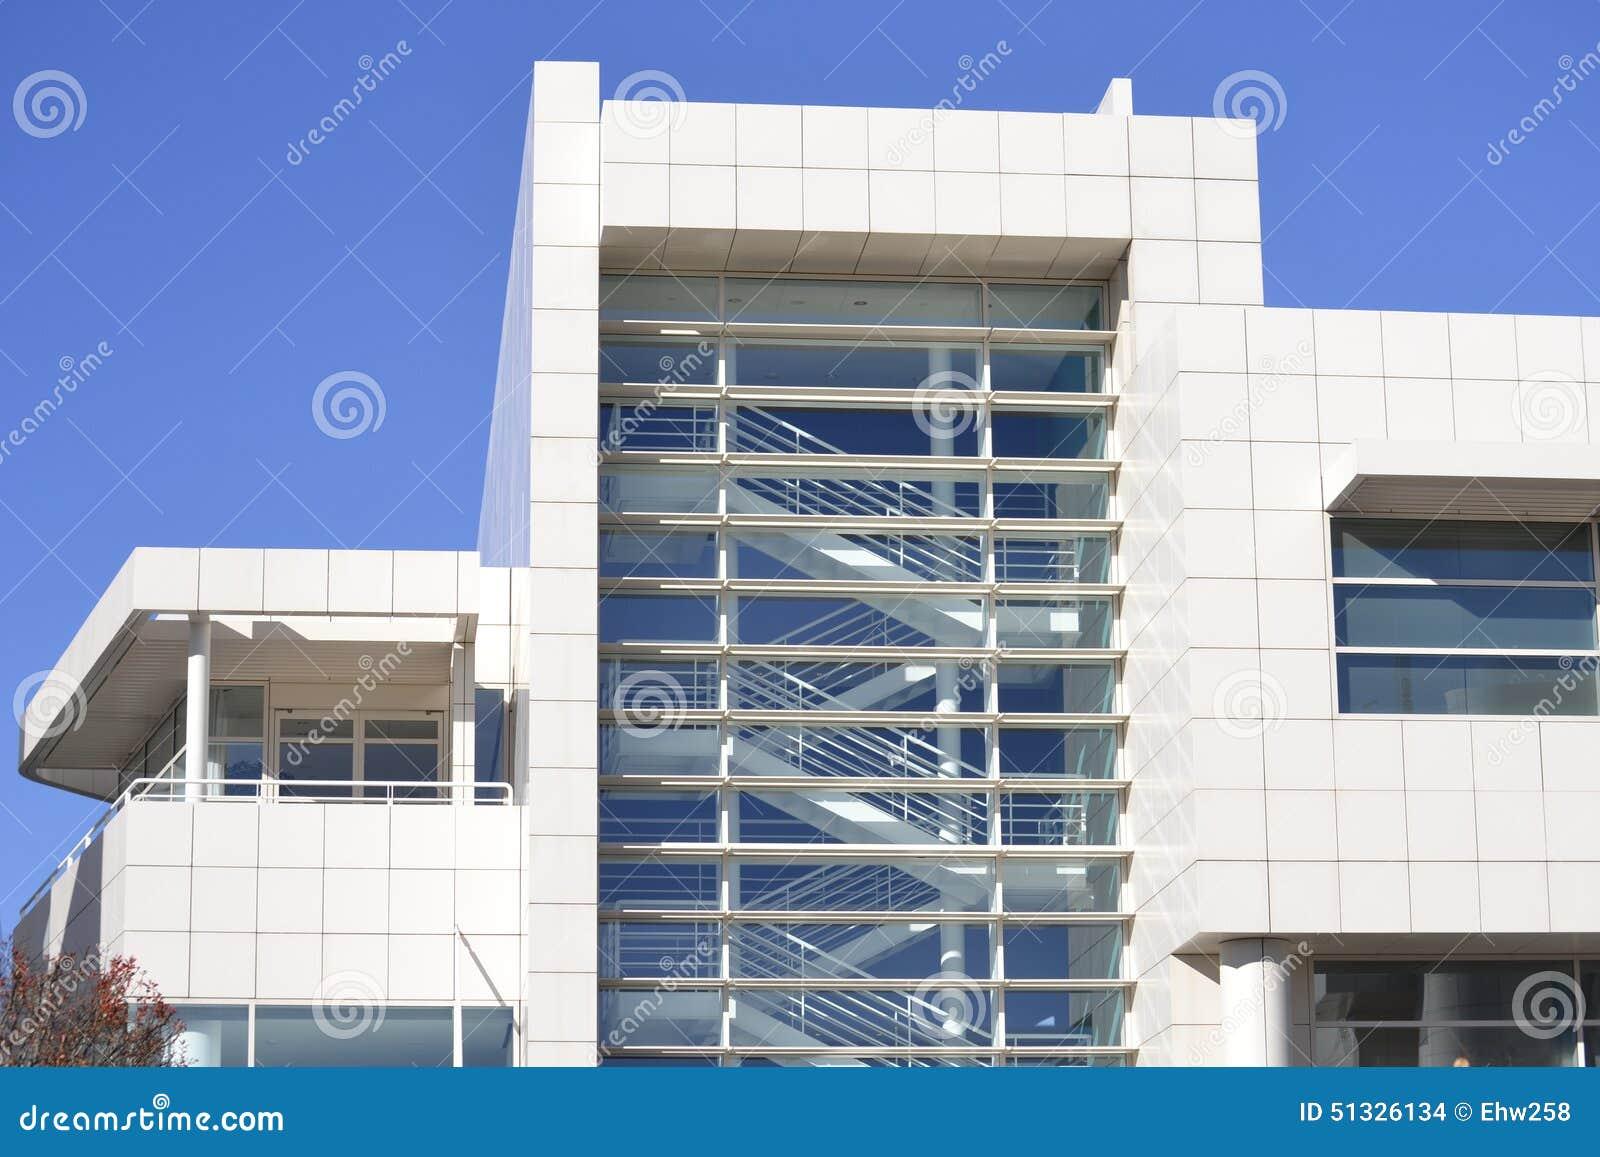 Treppenhaus architektur detail  Getty-Mitte-Treppenhaus-Architektur-Detail Stockfoto - Bild von ...